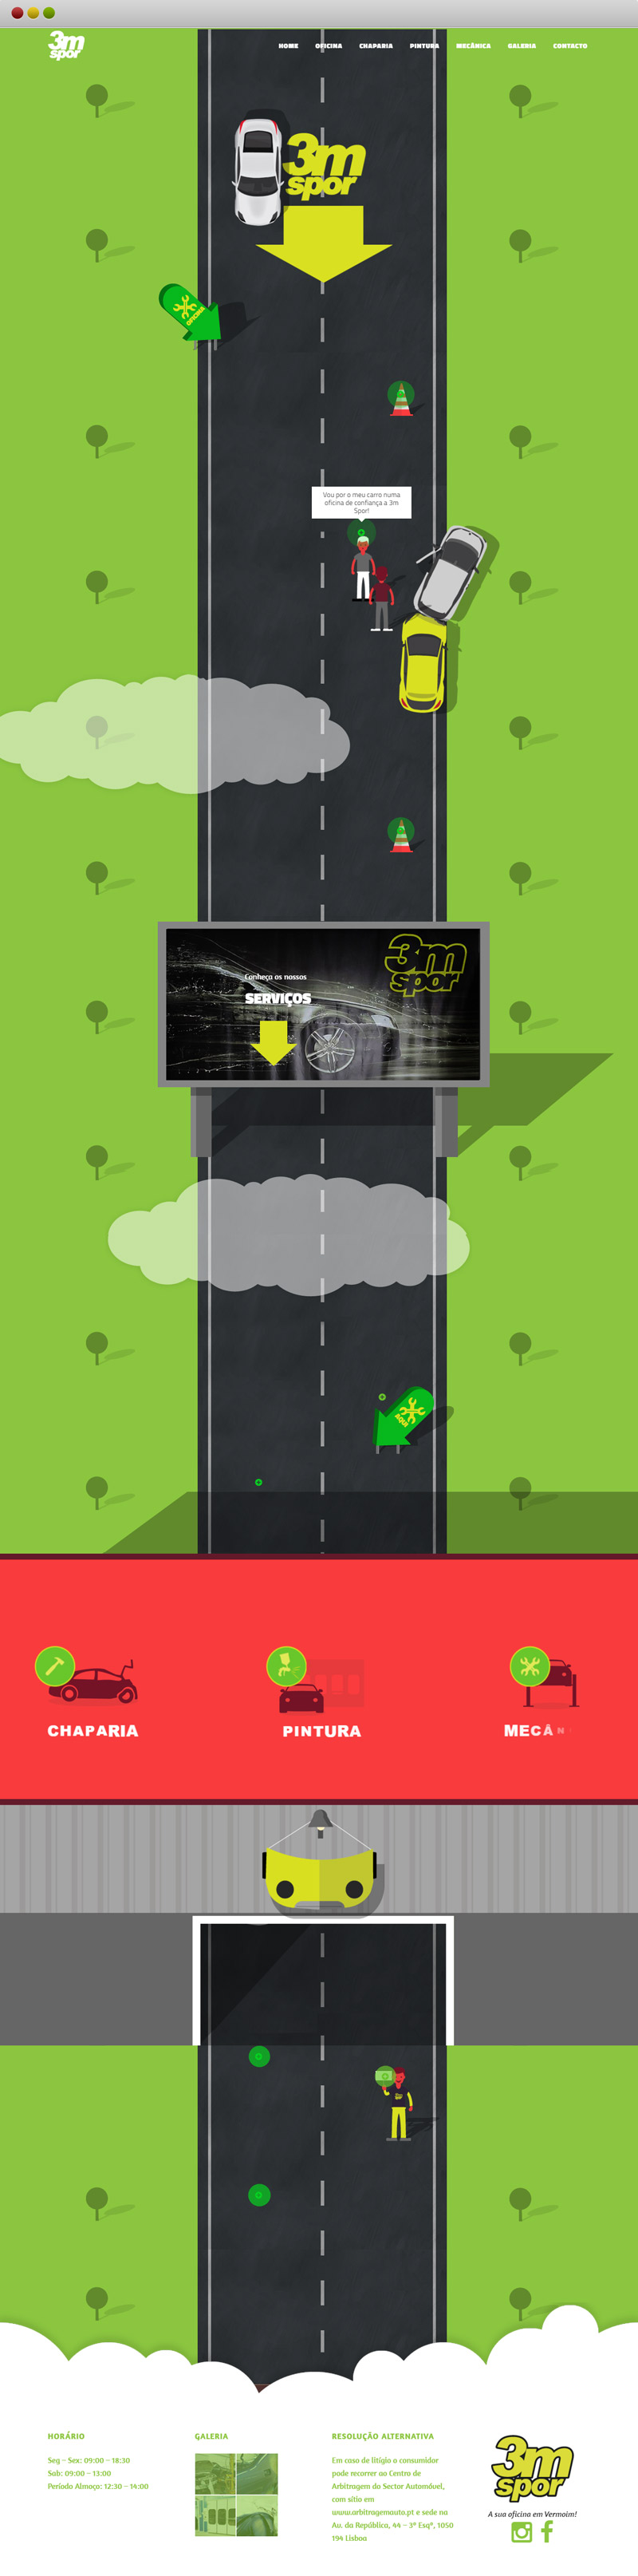 3M Spor oficina Website animado uma estrada que passa pela oficina onde o carro passeia do inicio do site ao fim